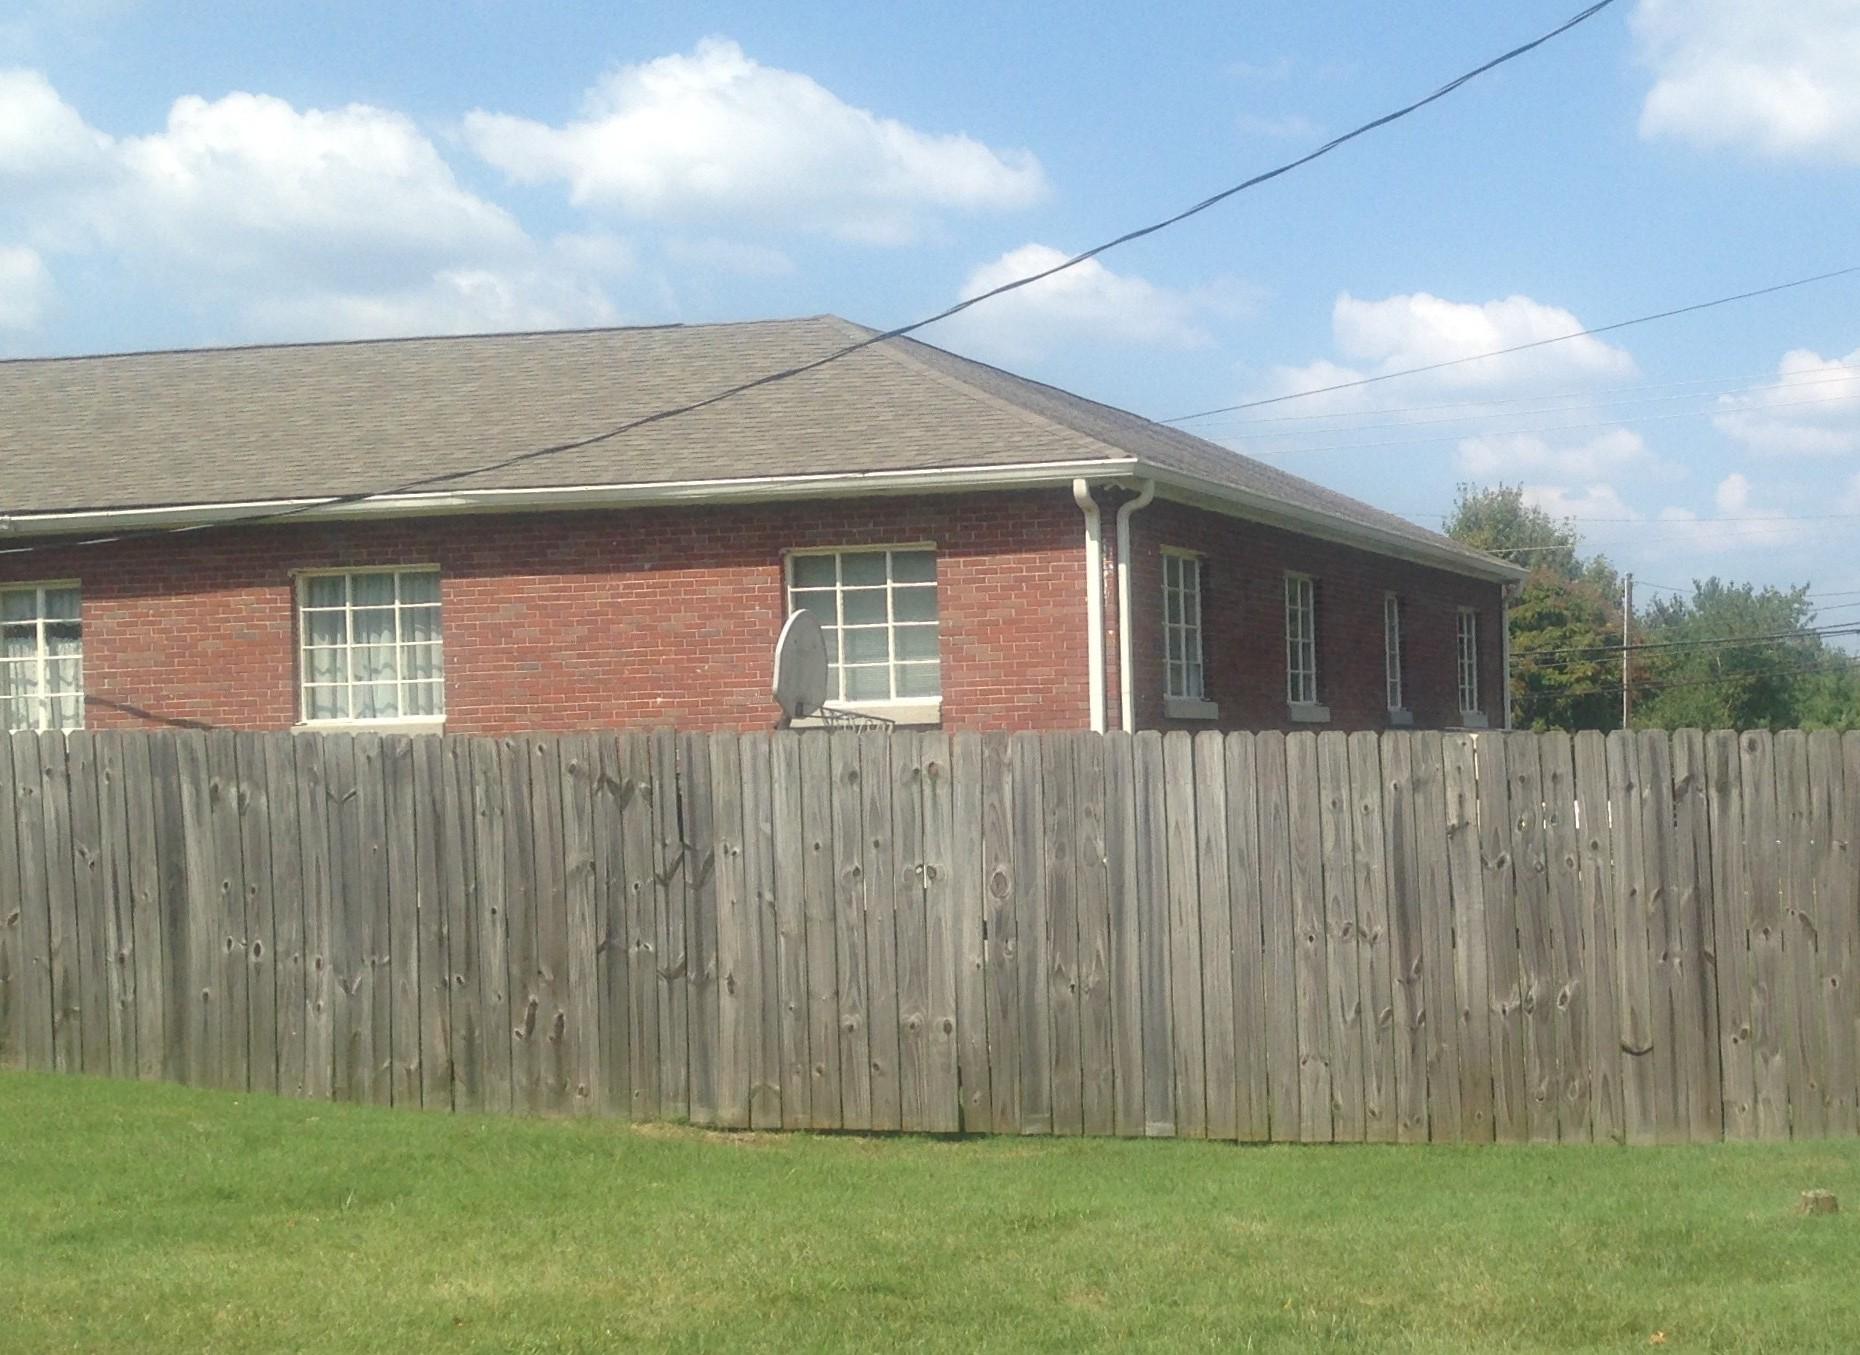 家その6:アメリカで住宅を購入するのにいったい何件の家を回れば良いの?